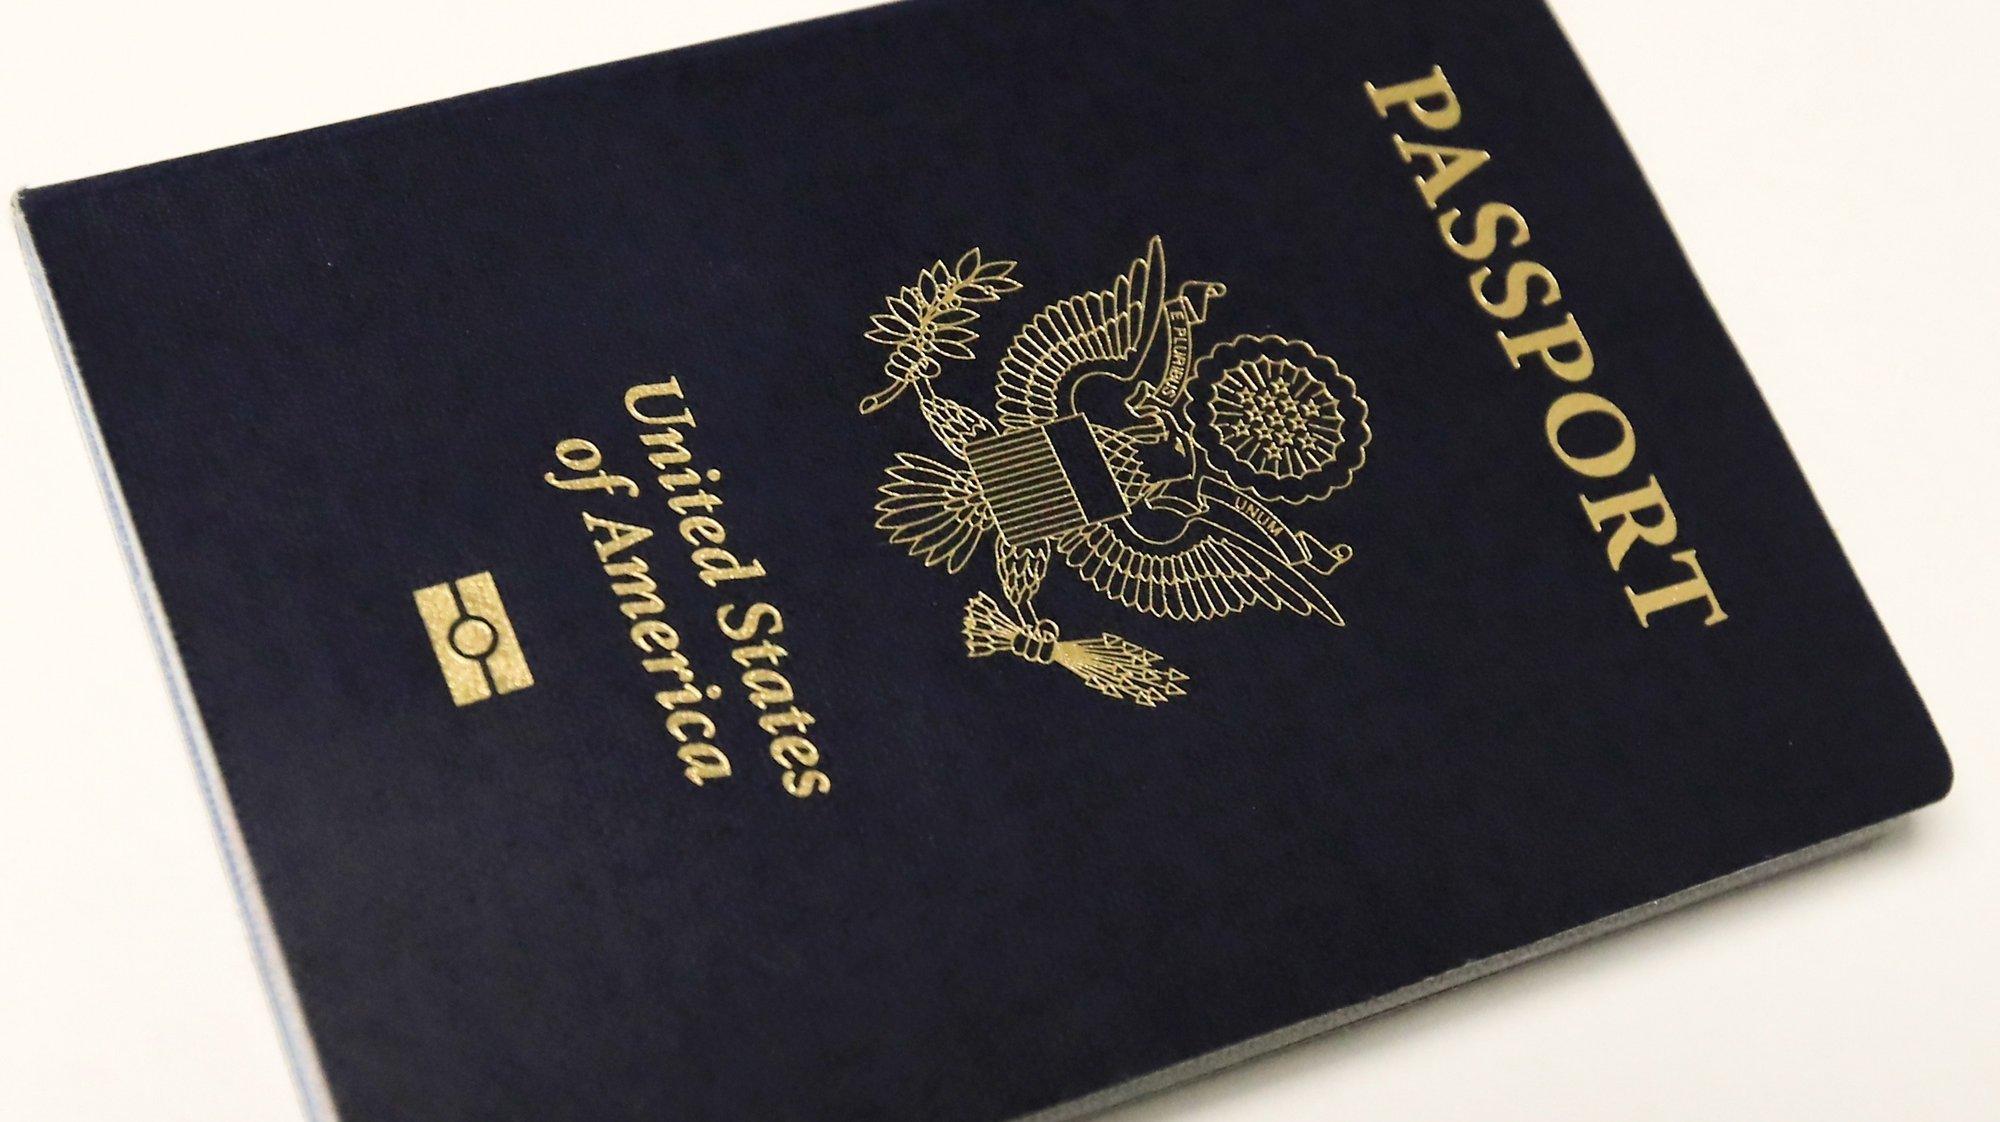 Passaporte dos Estados Unidos da América